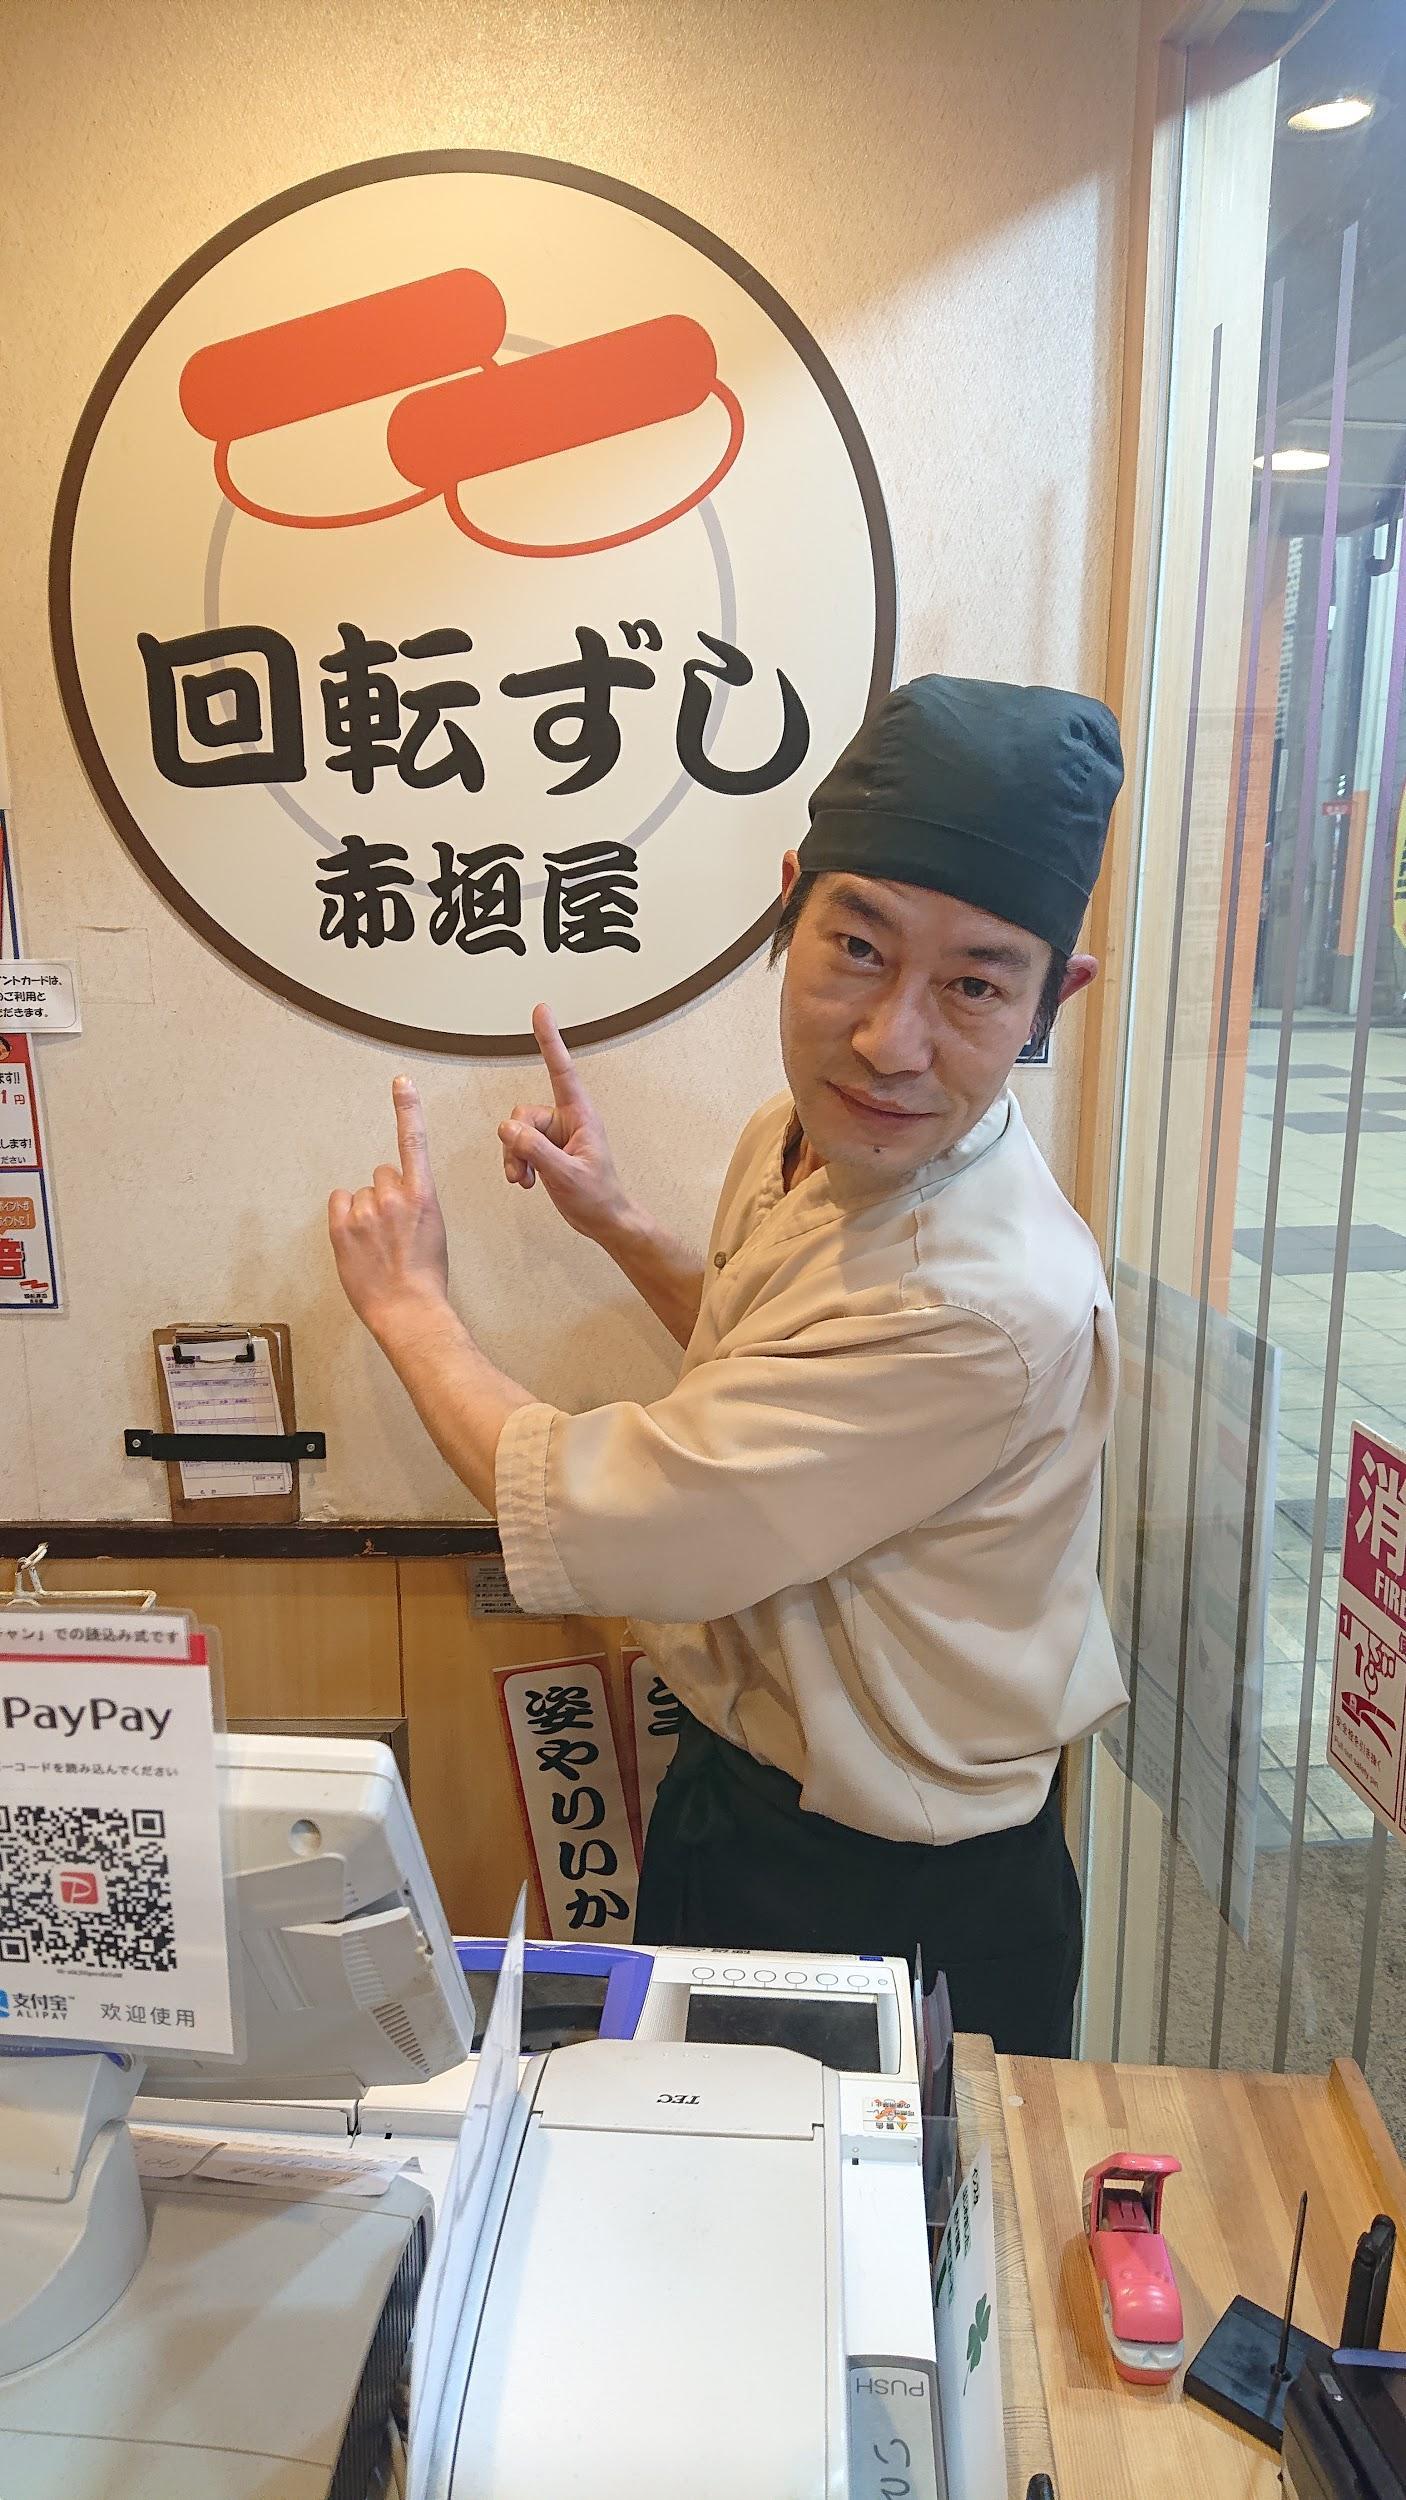 回転すし 赤垣屋 スタッフ:安井 啓太